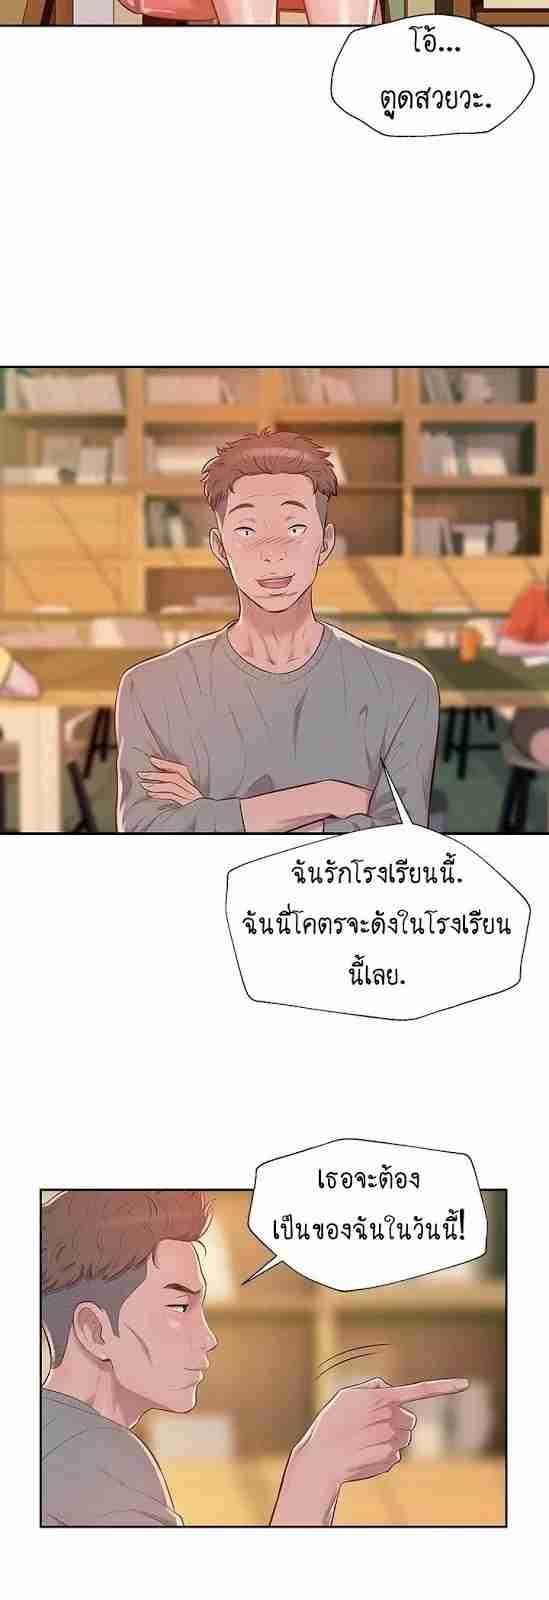 โดจิน Doujin รับน้องใหม่ของนายไก่อ่อน(8)14